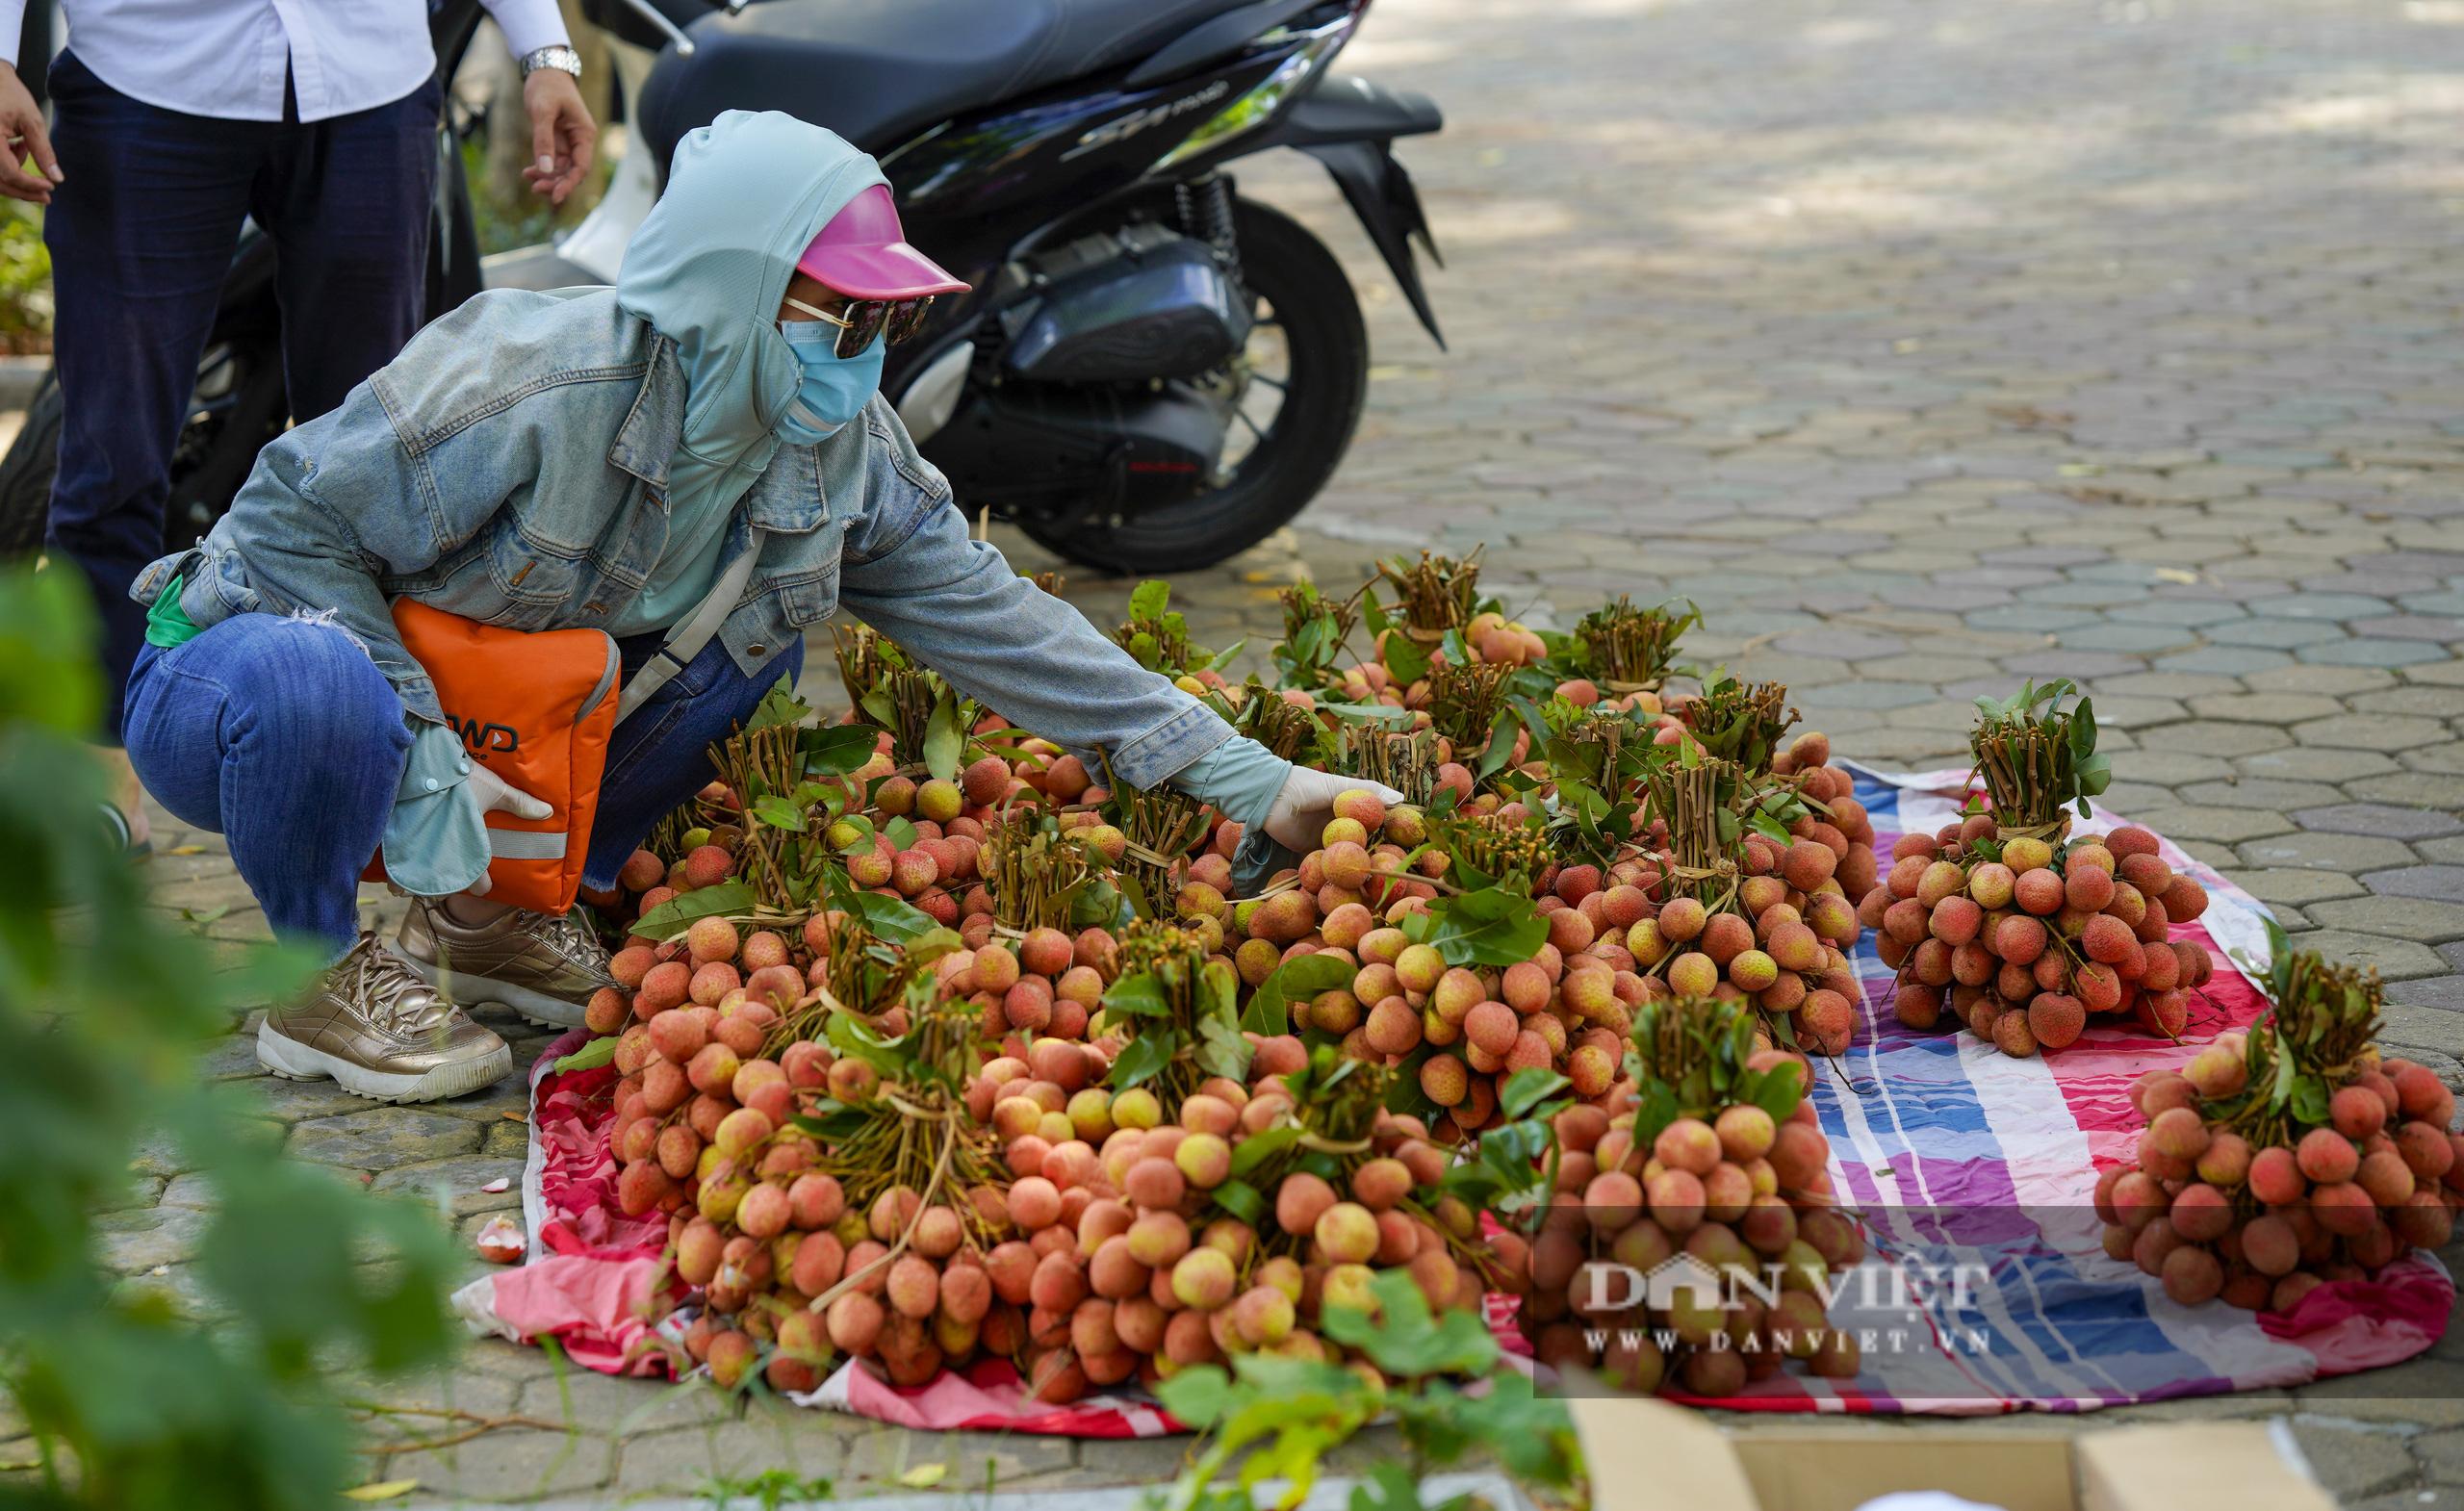 """Dịch Covid-19: Vải Bắc Giang """"vượt ải"""" về Hà Nội, người dân hào hứng ủng hộ - Ảnh 6."""